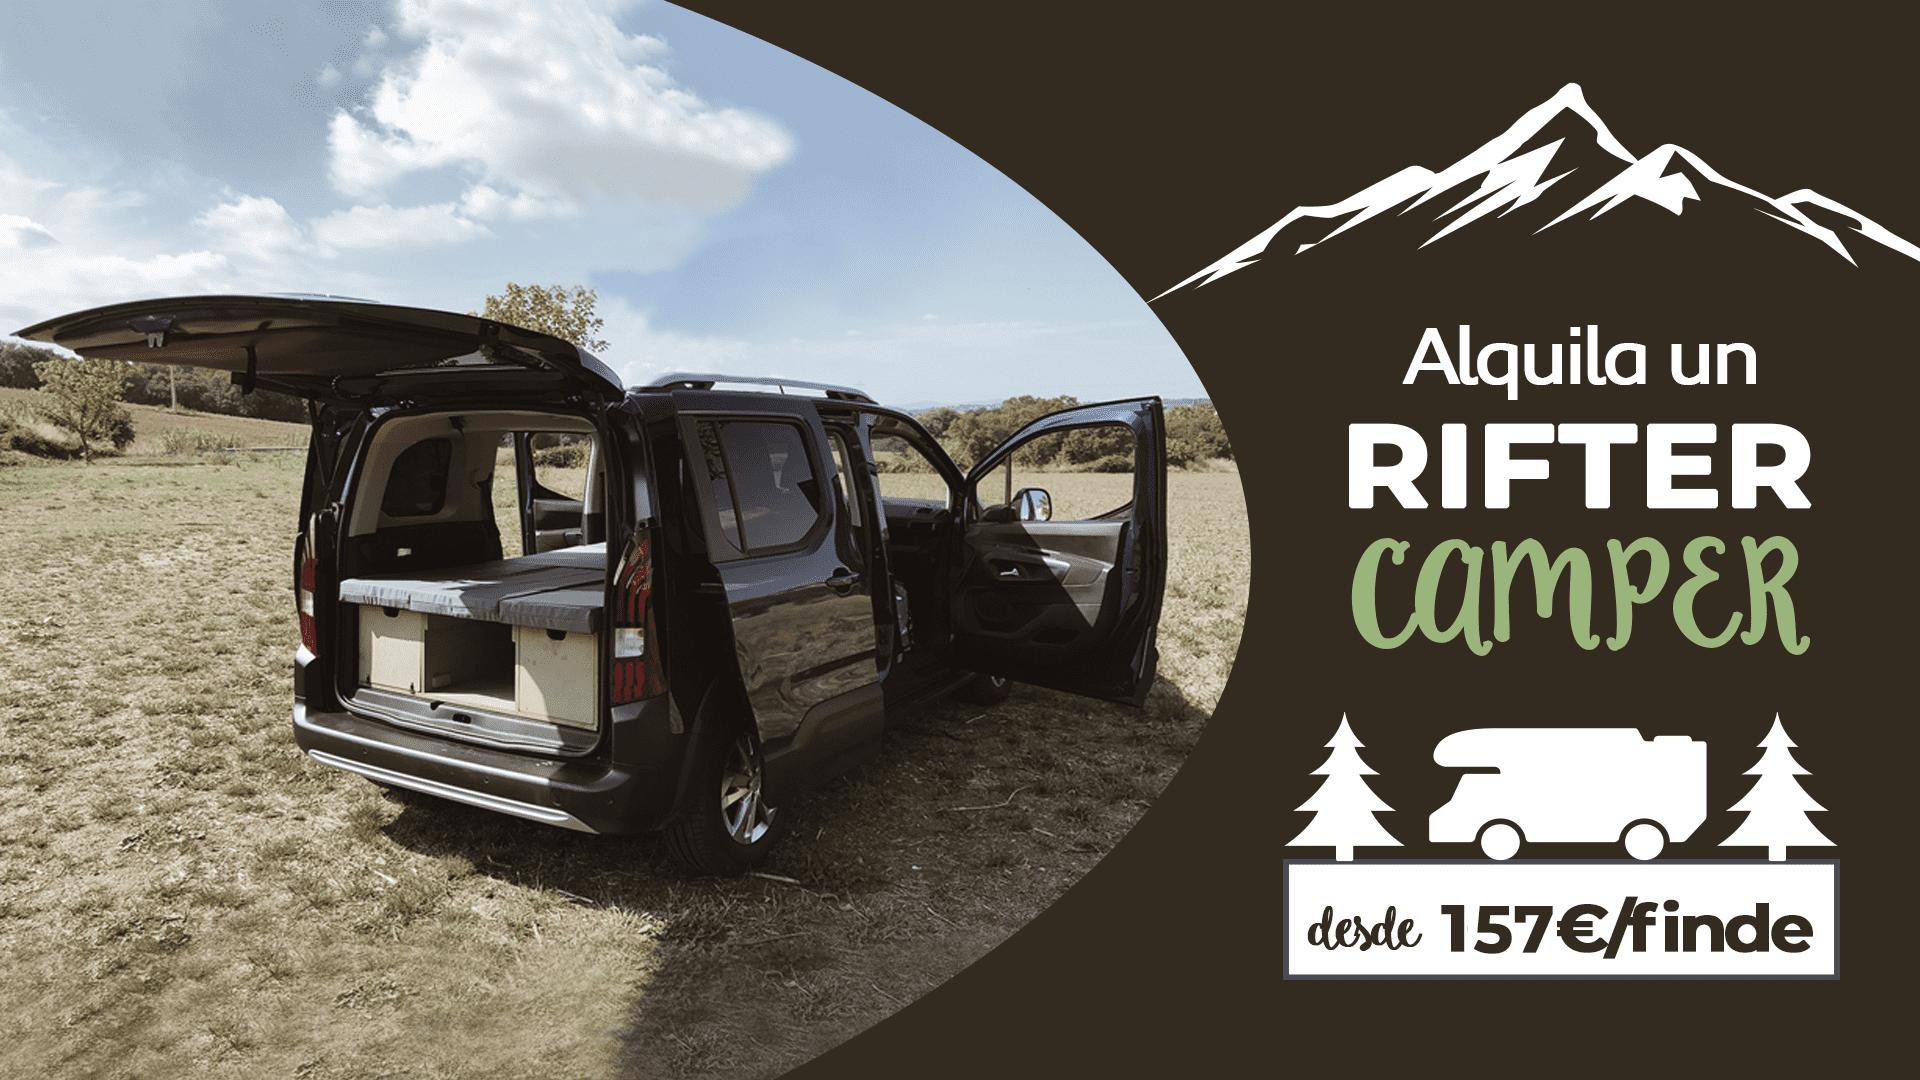 Alquila un Peugeot Rifter Camper desde 157€/fin de semana